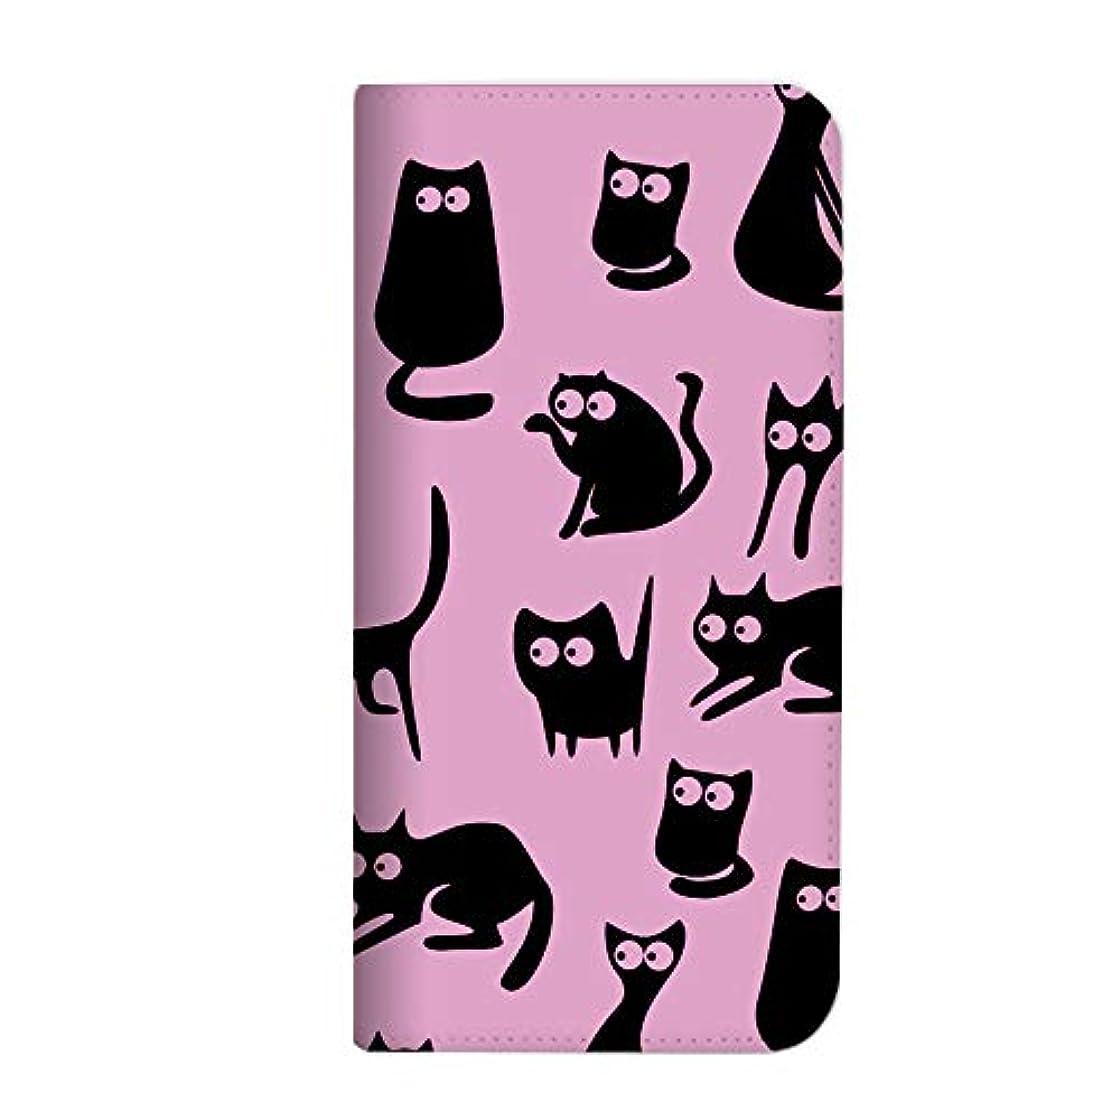 矢じり調整十分mitas Qua phone QZ KYV44 ケース 手帳型 ベルトなし ネコ ねこ 猫 3 ピンク (382) NB-0160-PK/KYV44